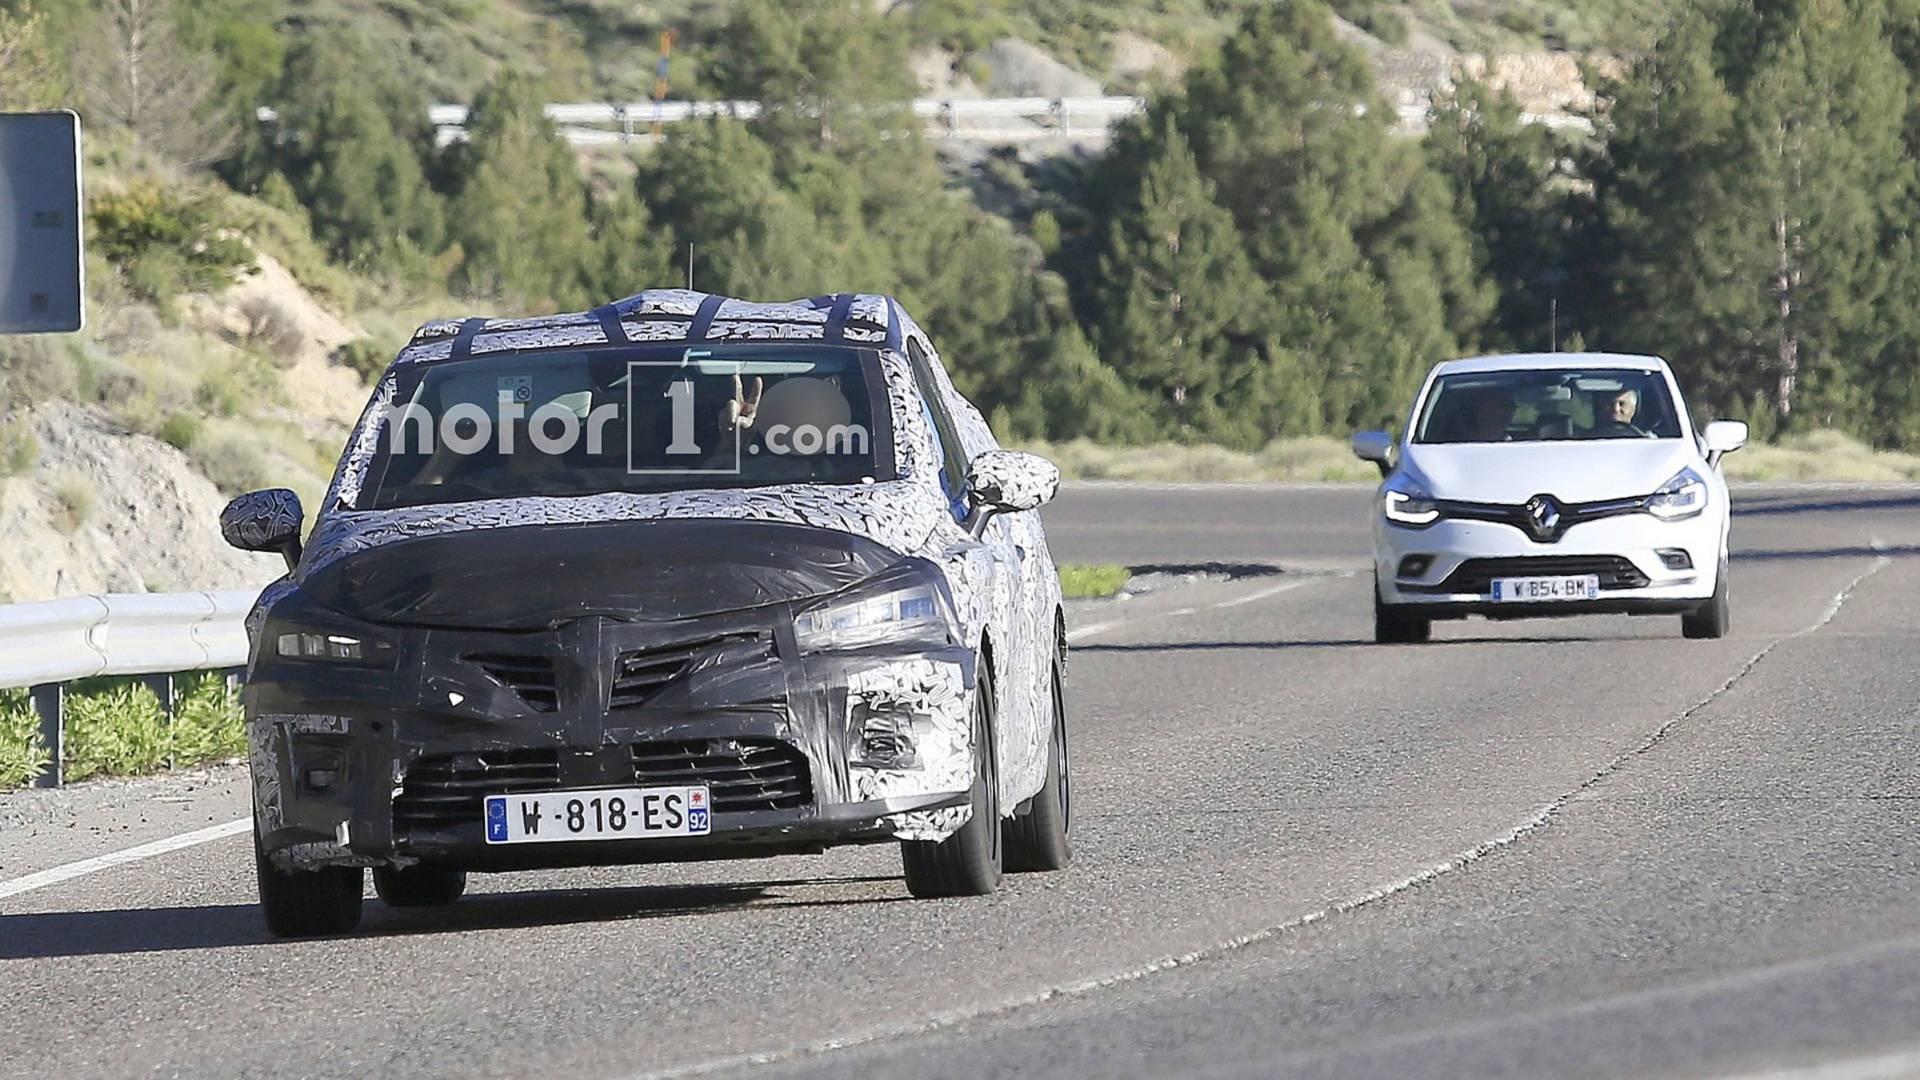 Новый Renault Clio замечен на дороге 1